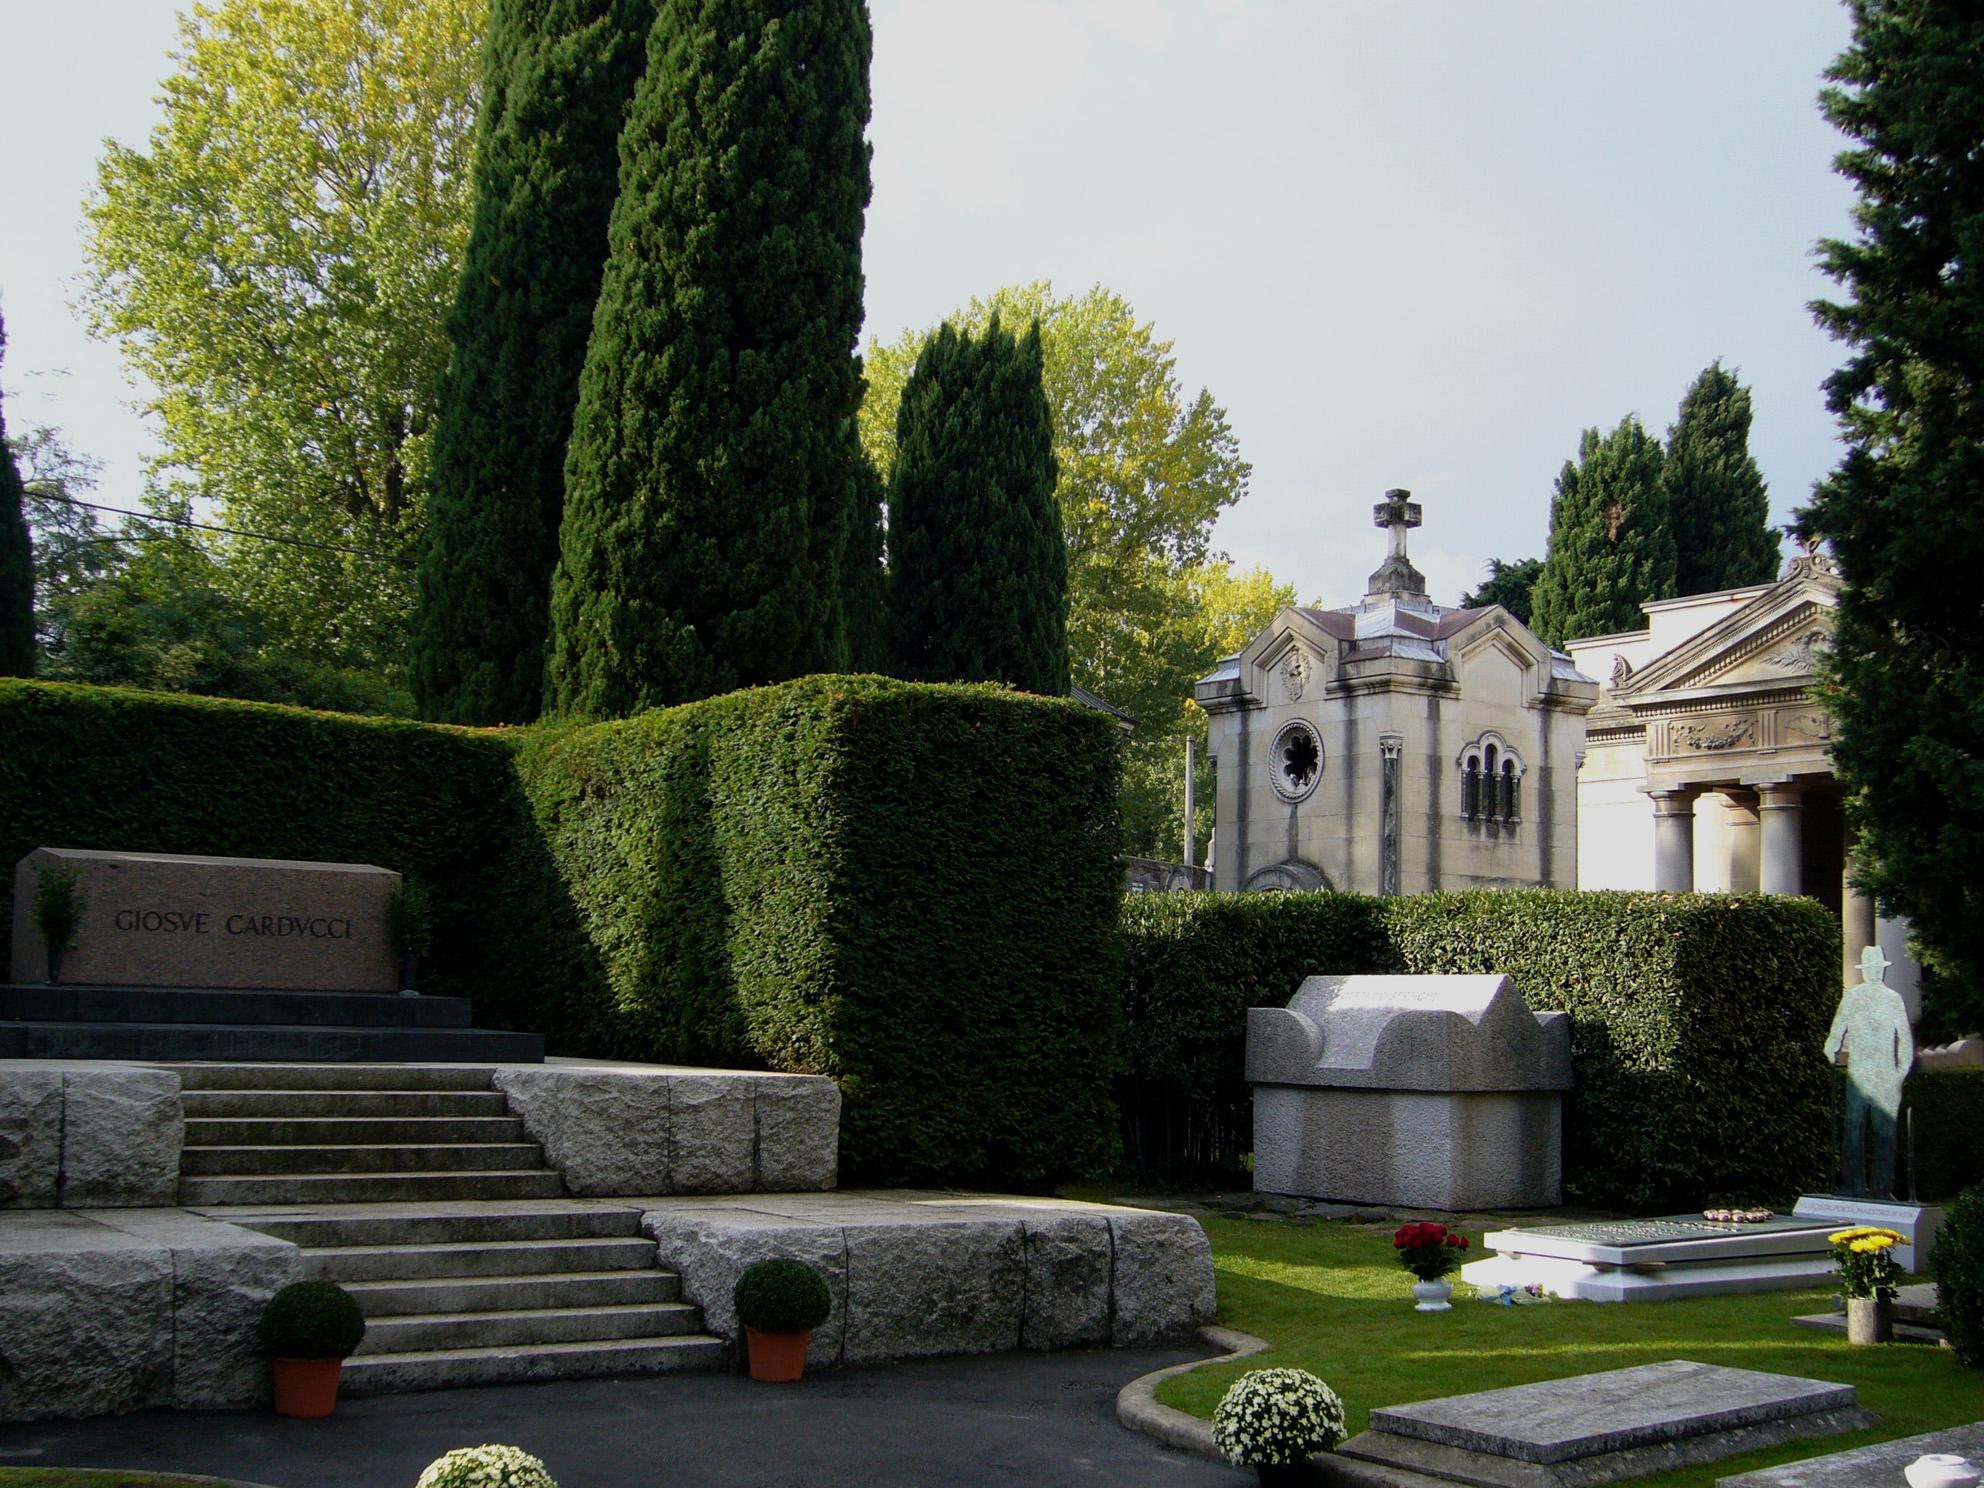 Dalla nostra sinistra: la tomba di Carducci. il sarcofago di Ottorino Respighi e il monumento funebre di Lucio Dalla